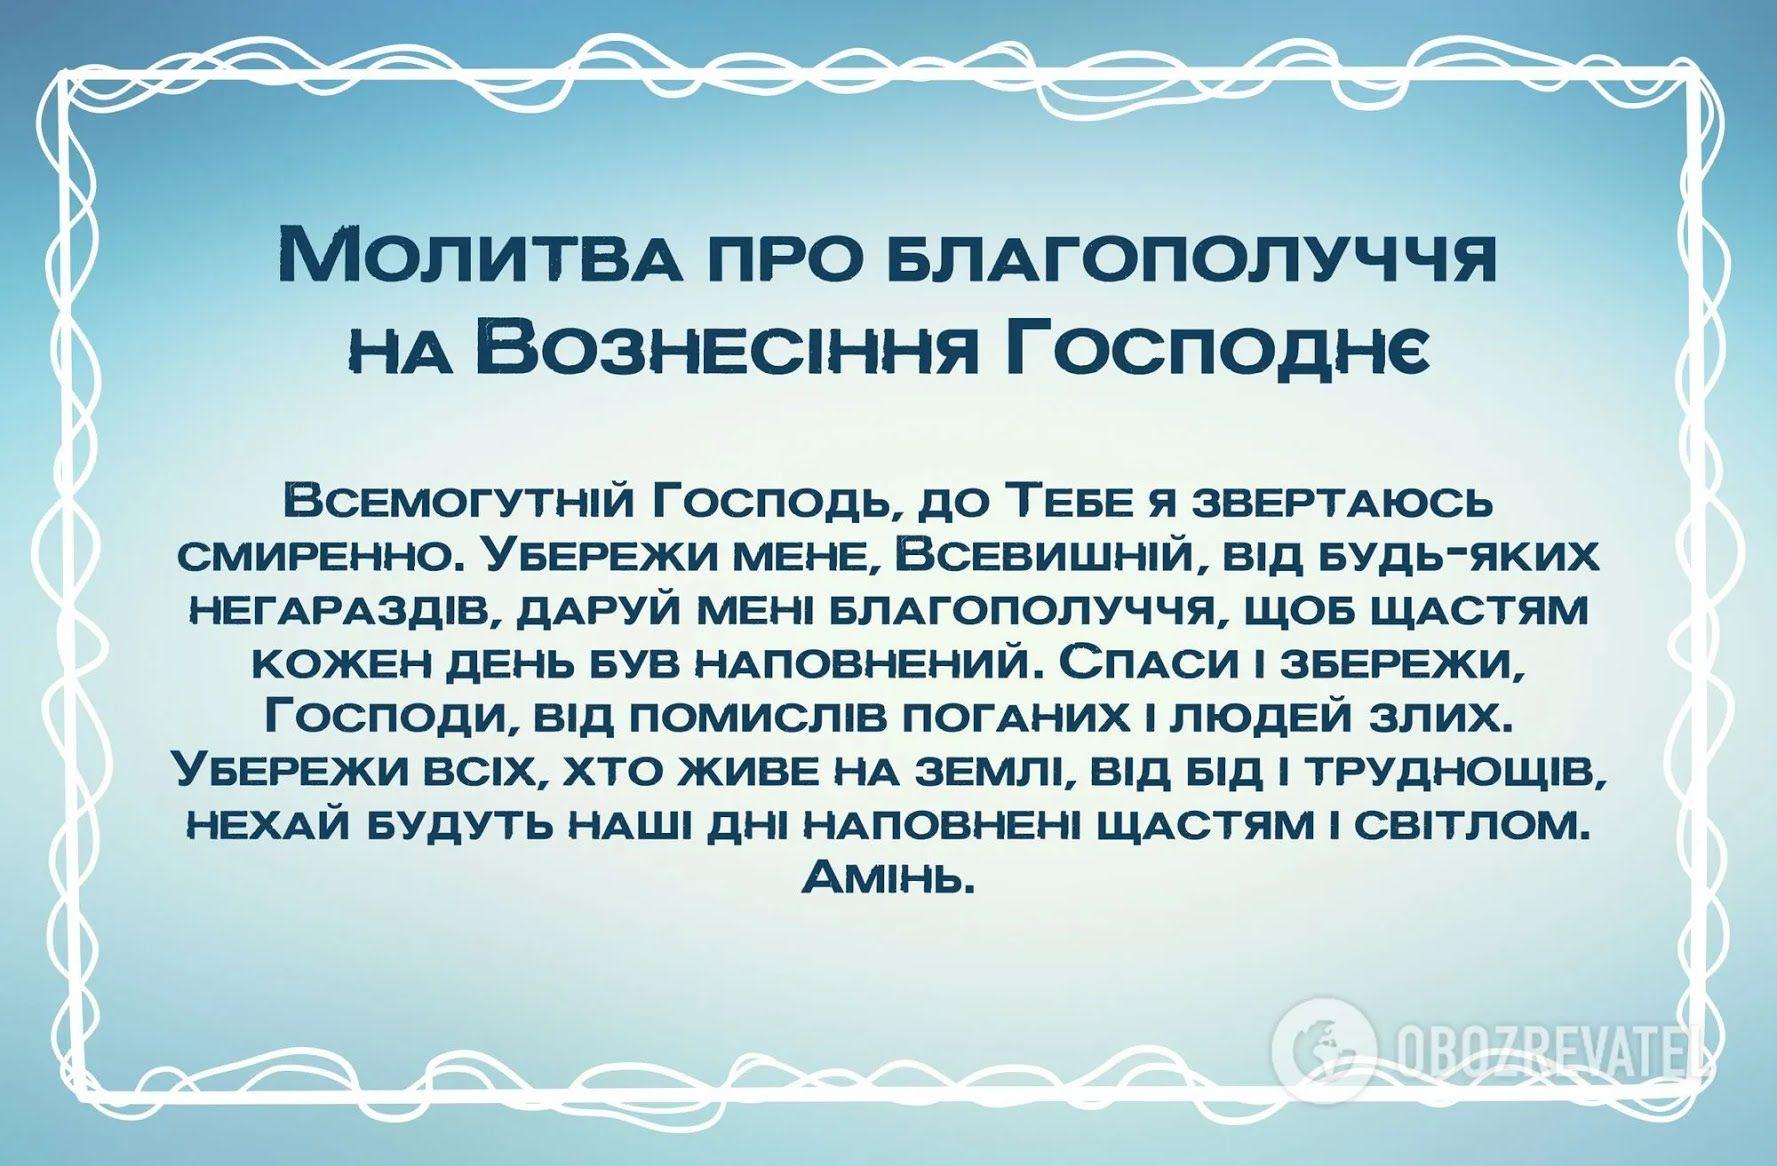 Молитва про благополуччя на Вознесіння Господнє